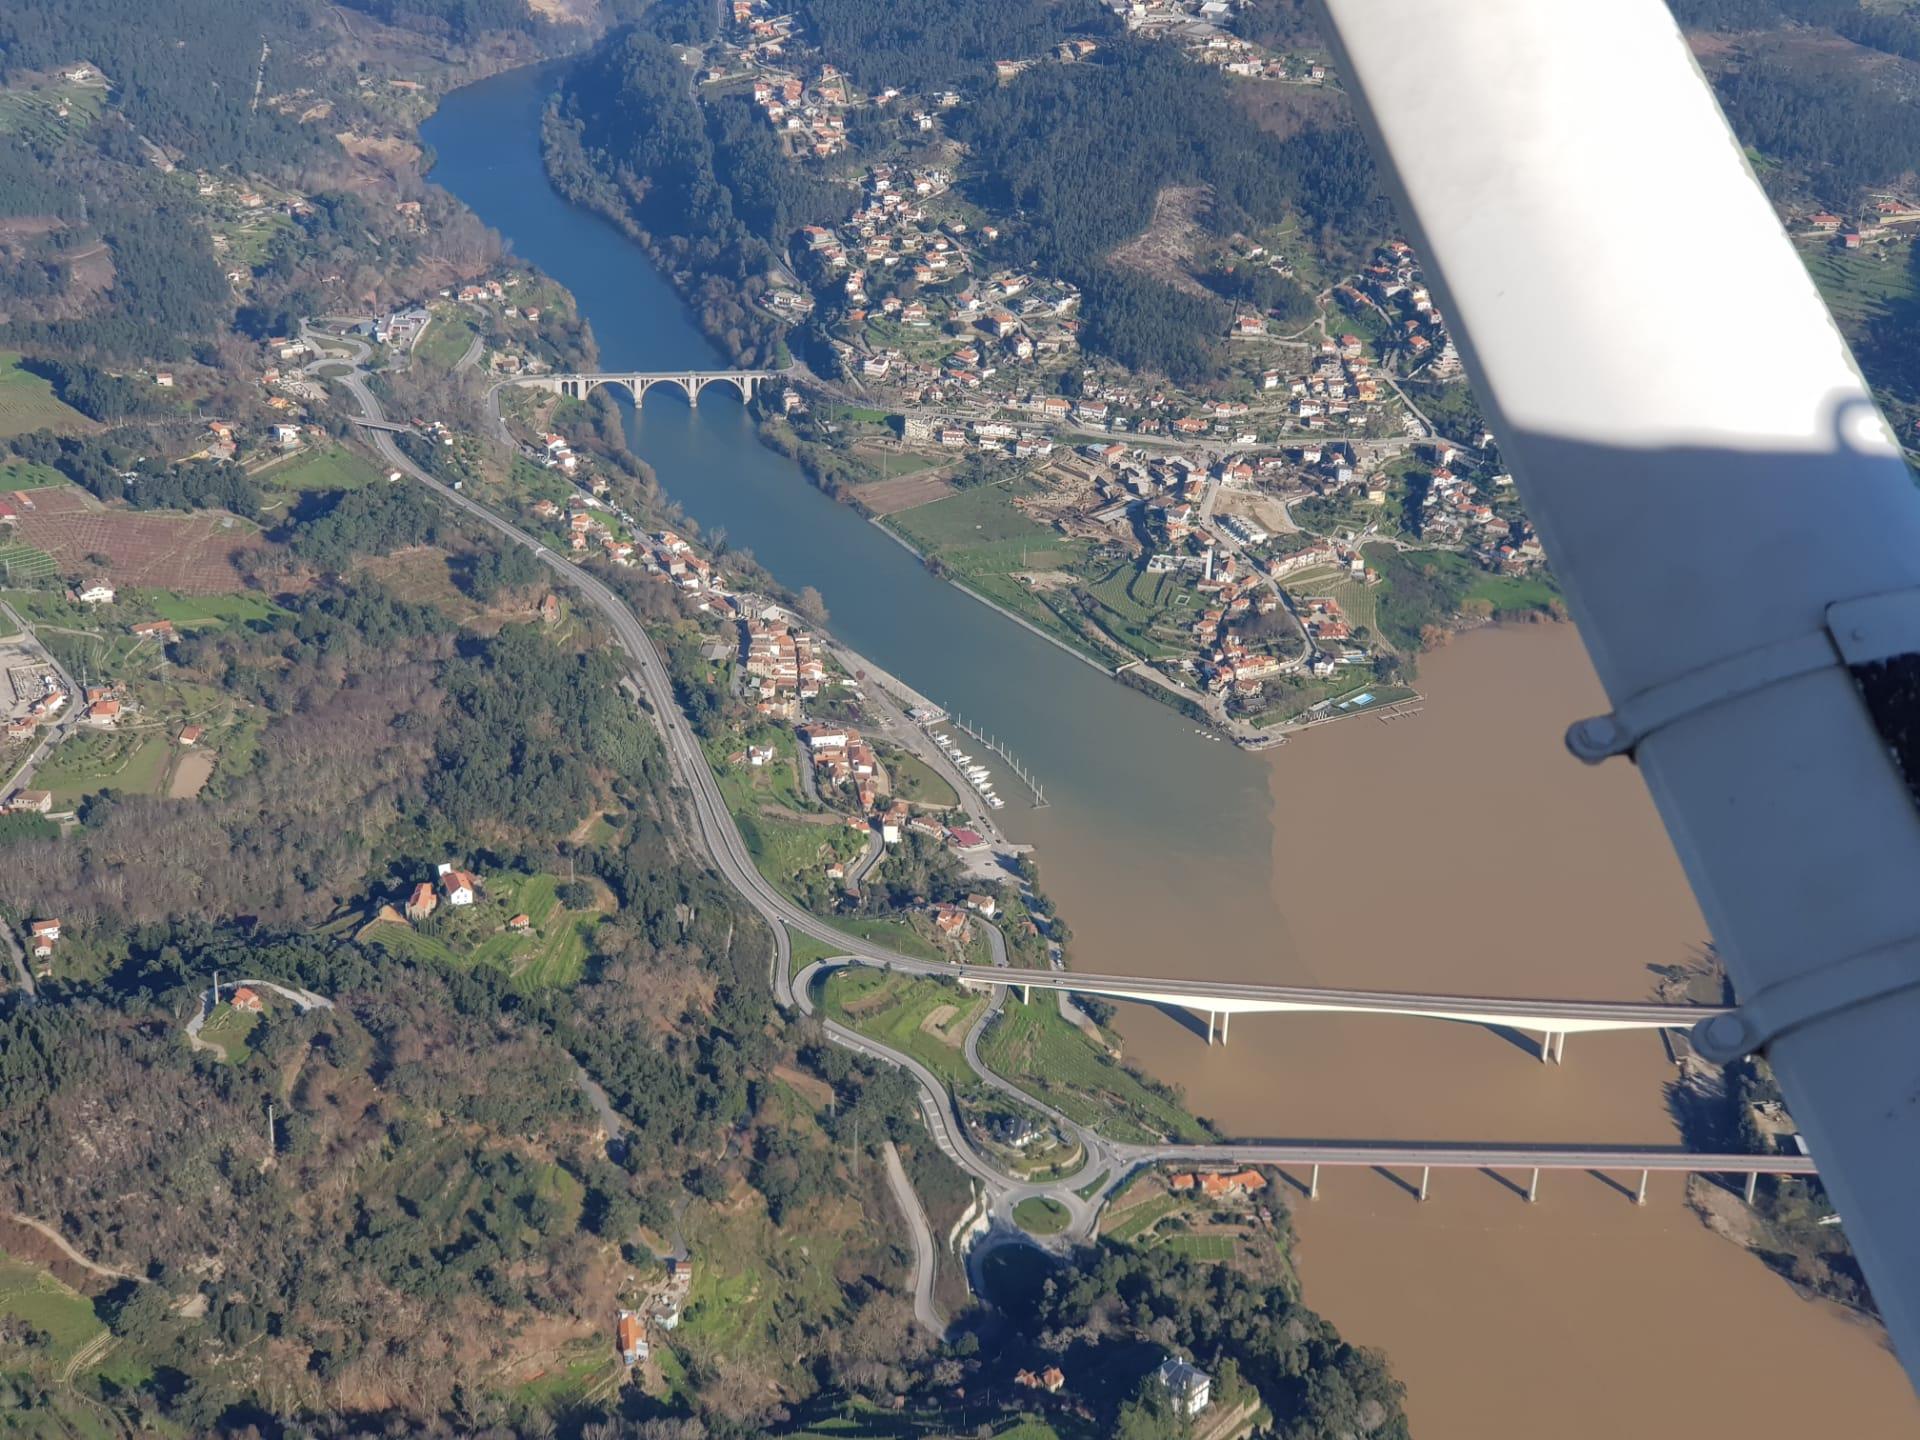 LM-Arquivo-Douro-Paiva-Foto-Aerea-ETA-Lever-096